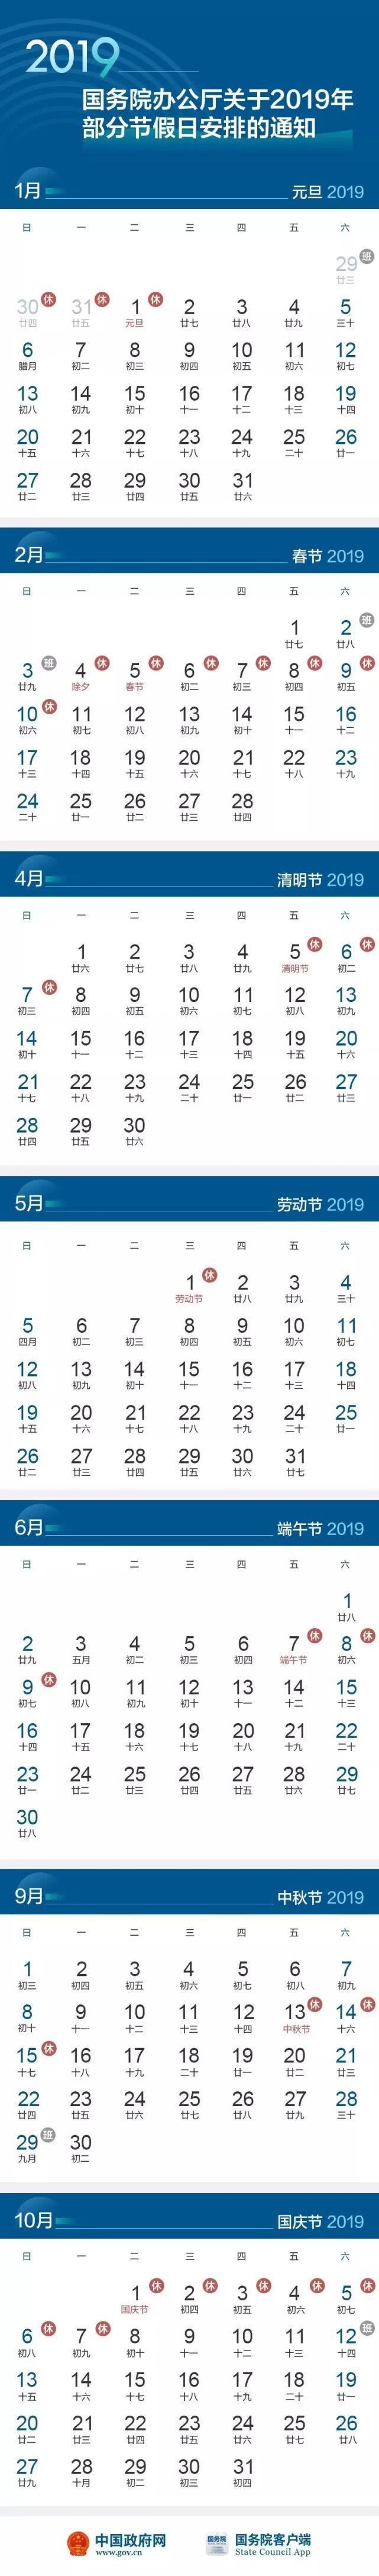 2019年放假安排来啦 元旦放3天